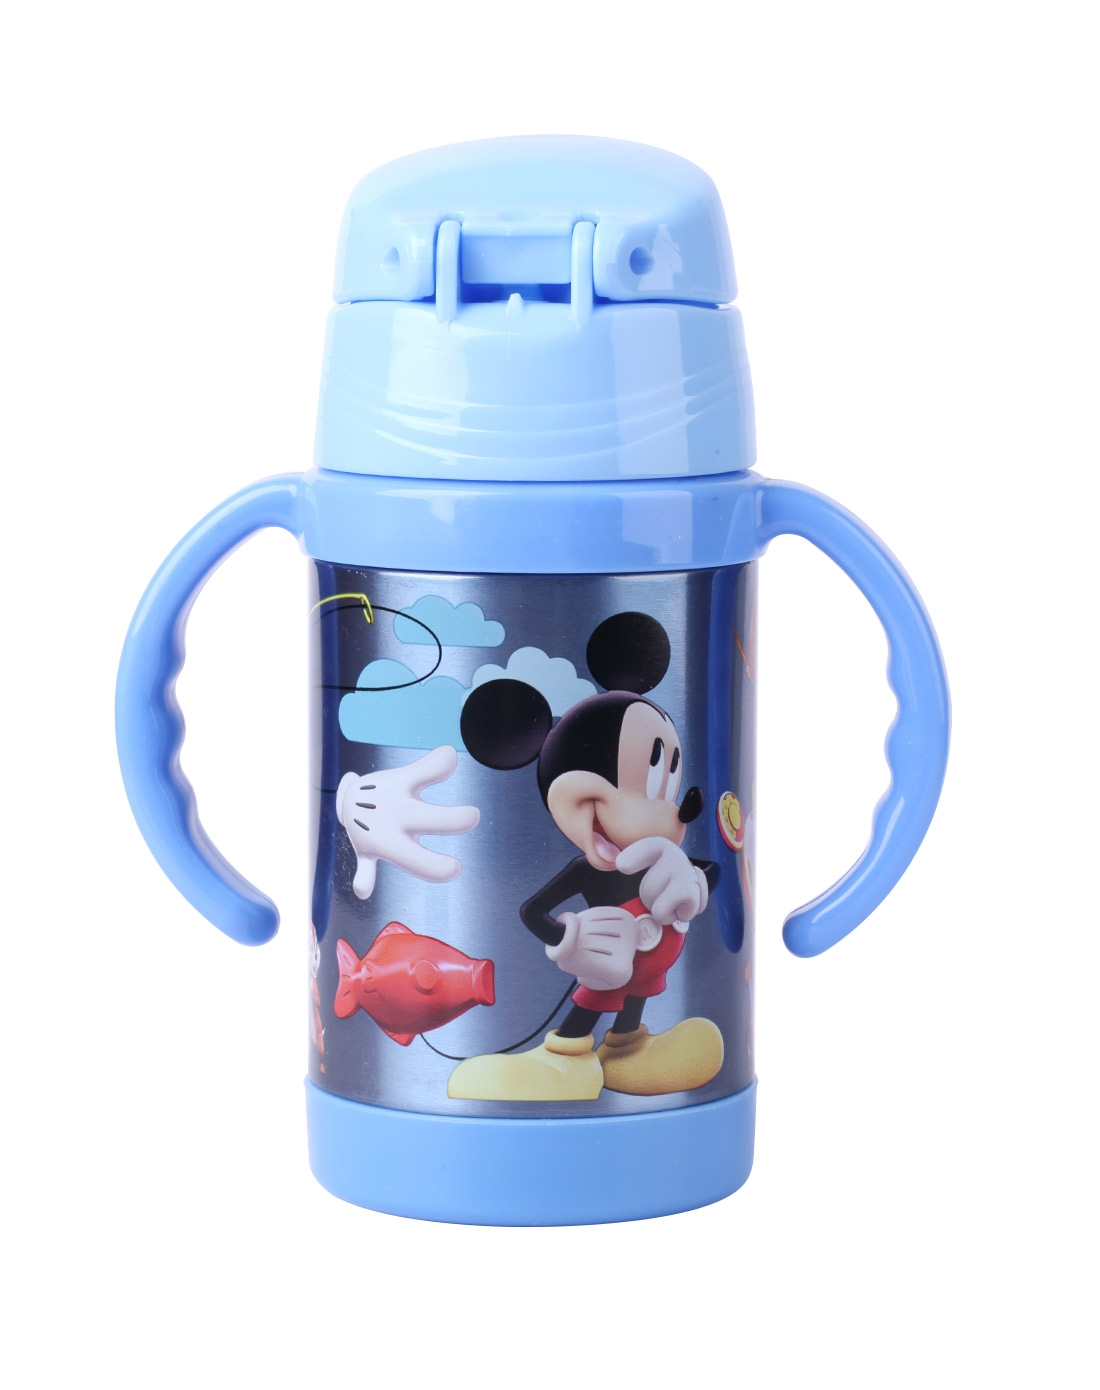 学生文具爆款专场迪士尼儿童吸管杯gxmn-5671b